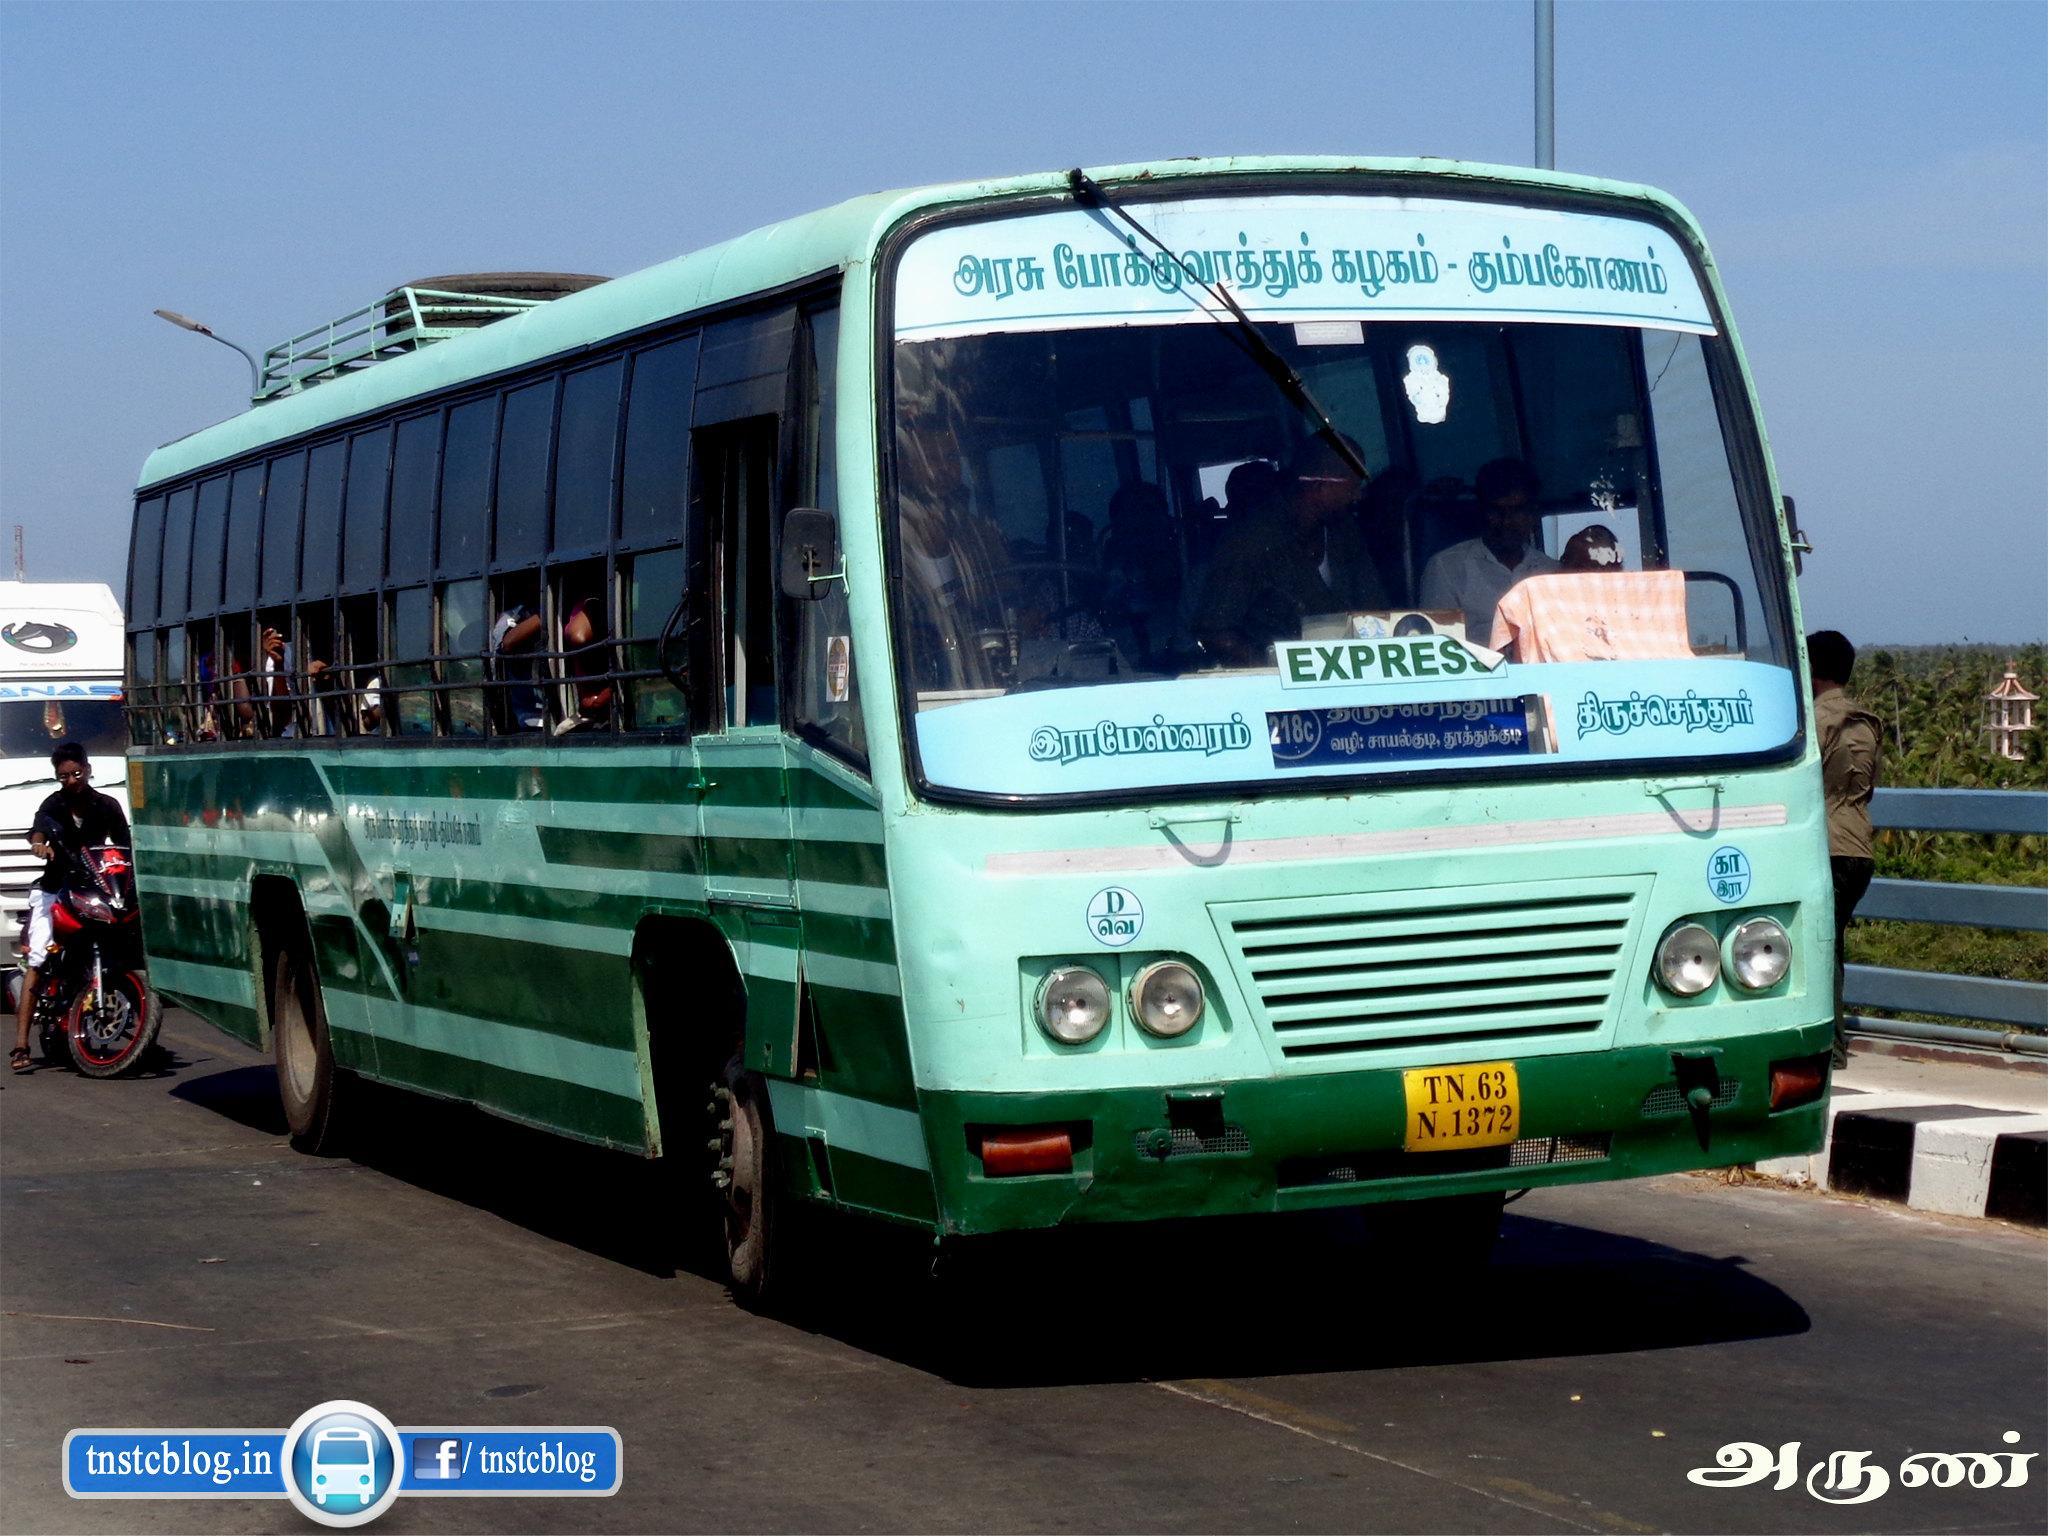 TN-63N-1372